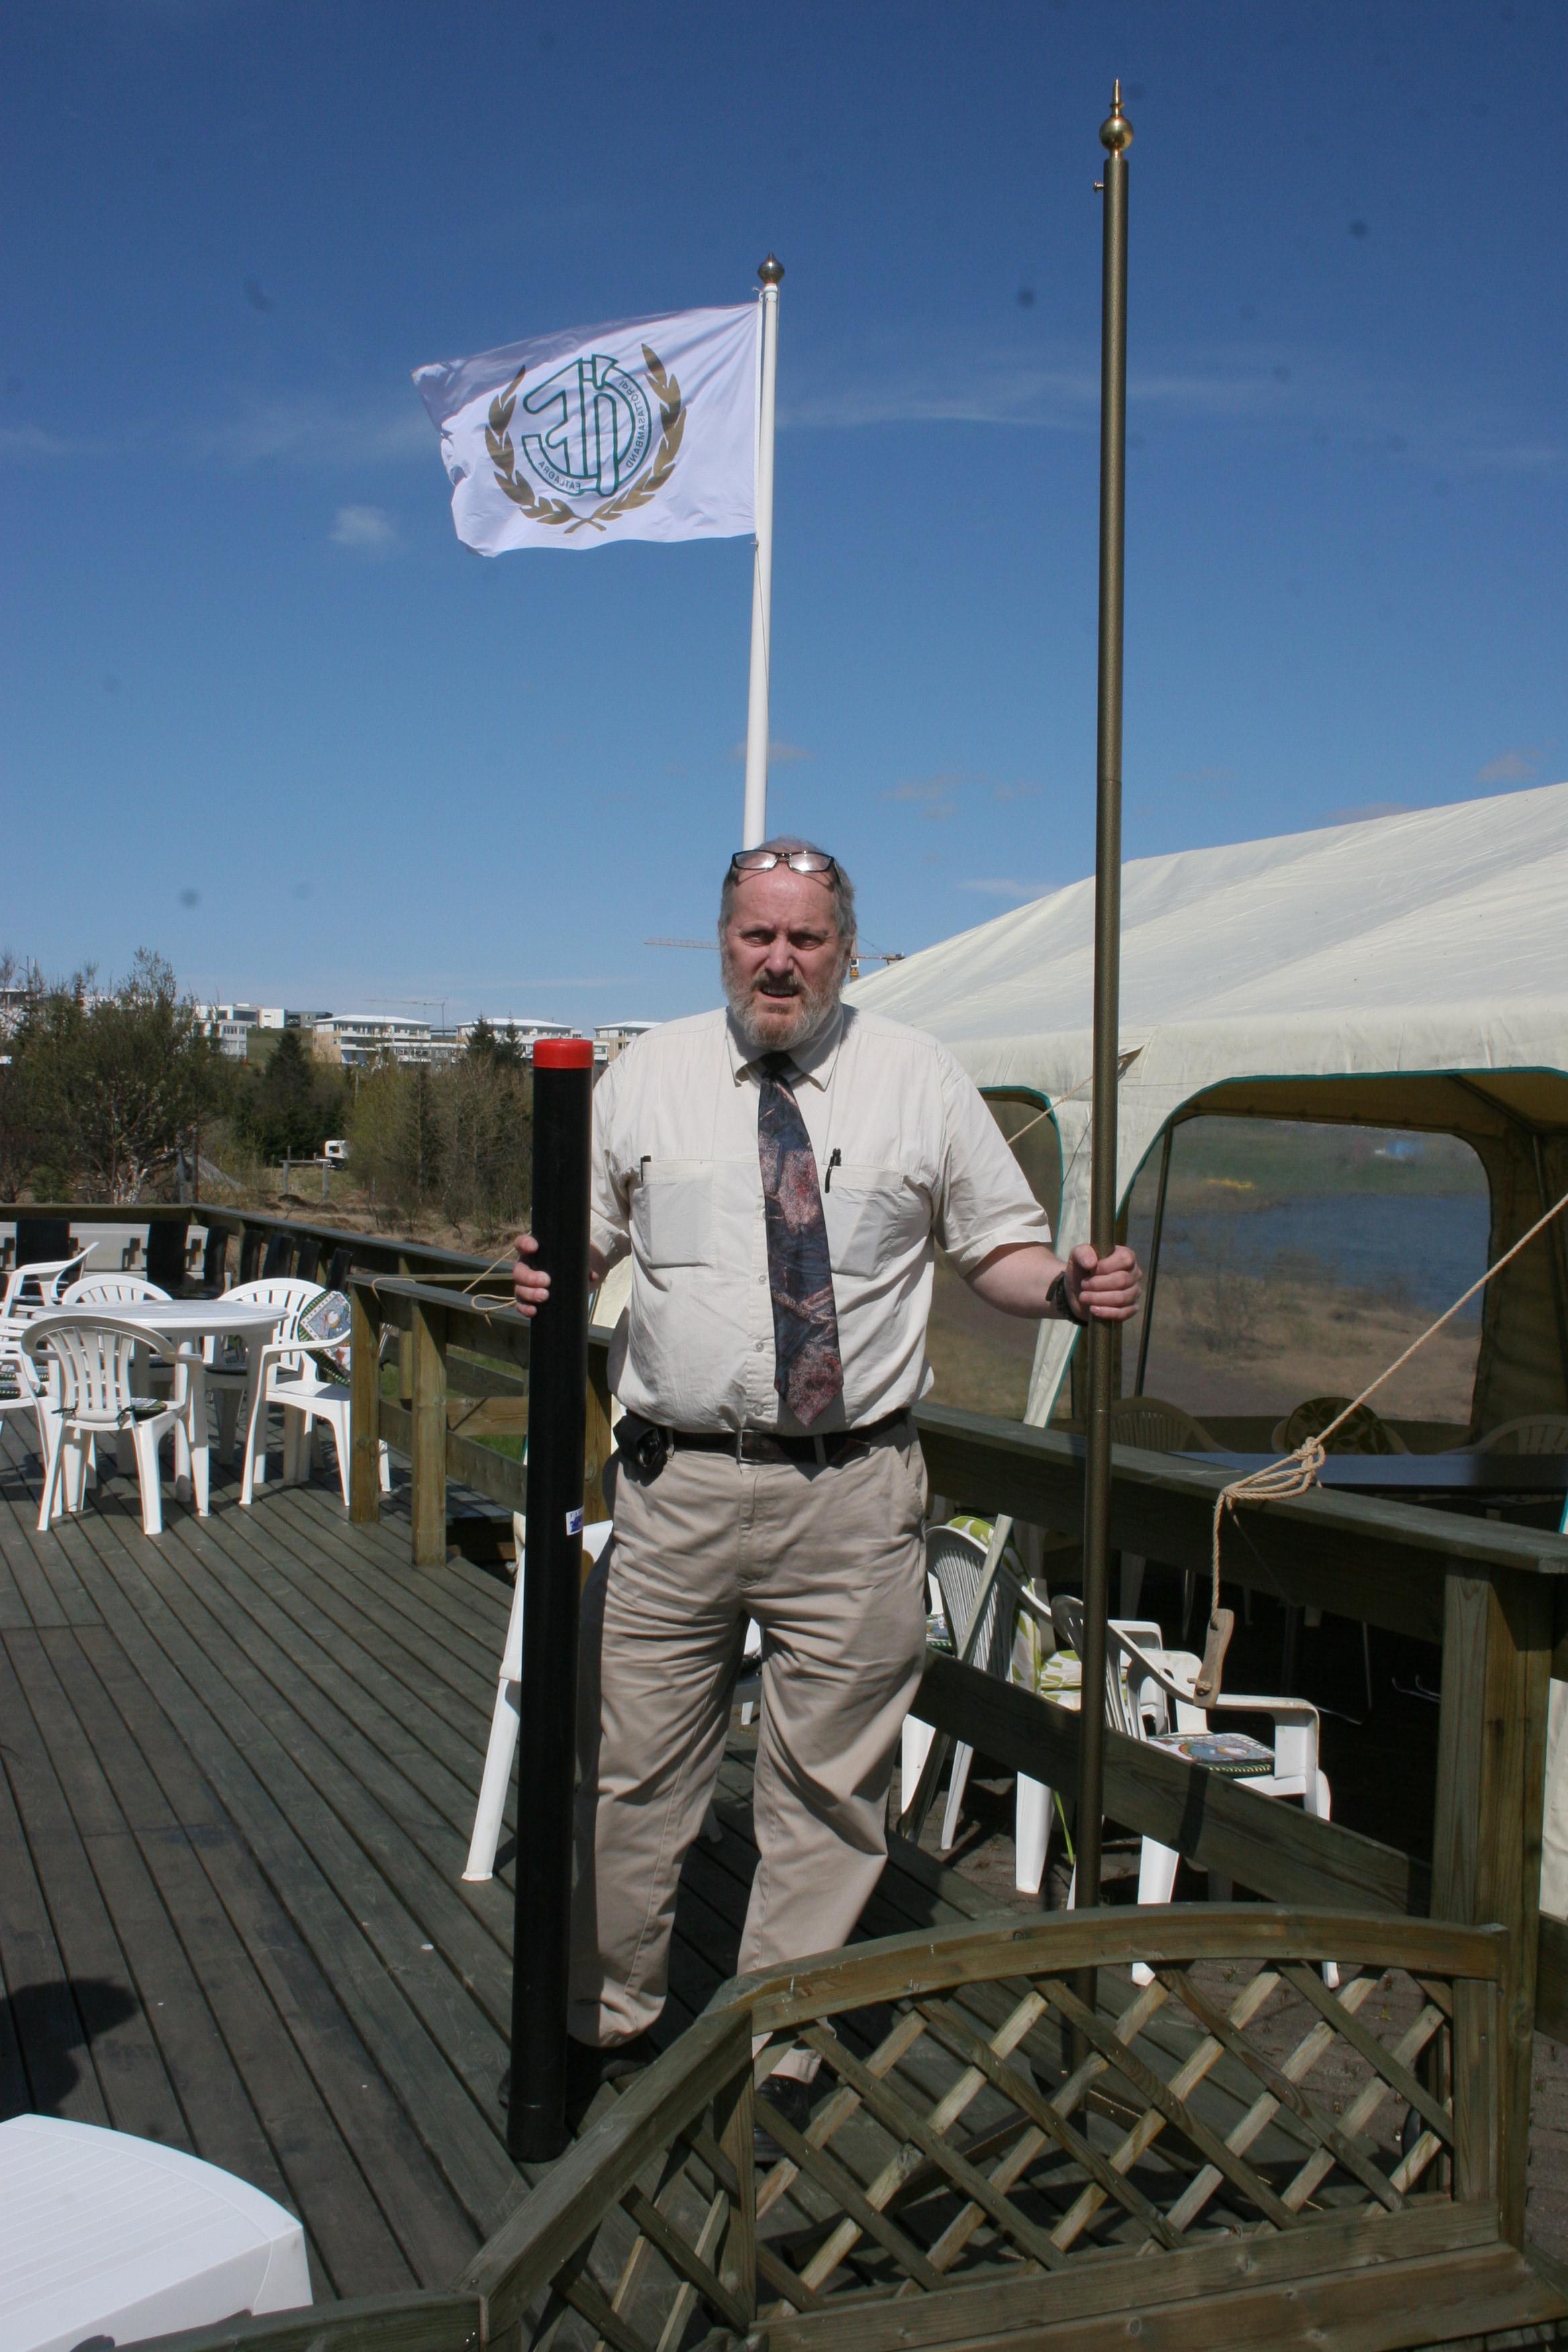 Jósep Sigurjónsson þáverandi formaður Akurs á Akureyri kemur færandi hendi á 30 ára afmæli Íþróttasambands fatlaðra árið 2009 (Mynd/Jón Björn)